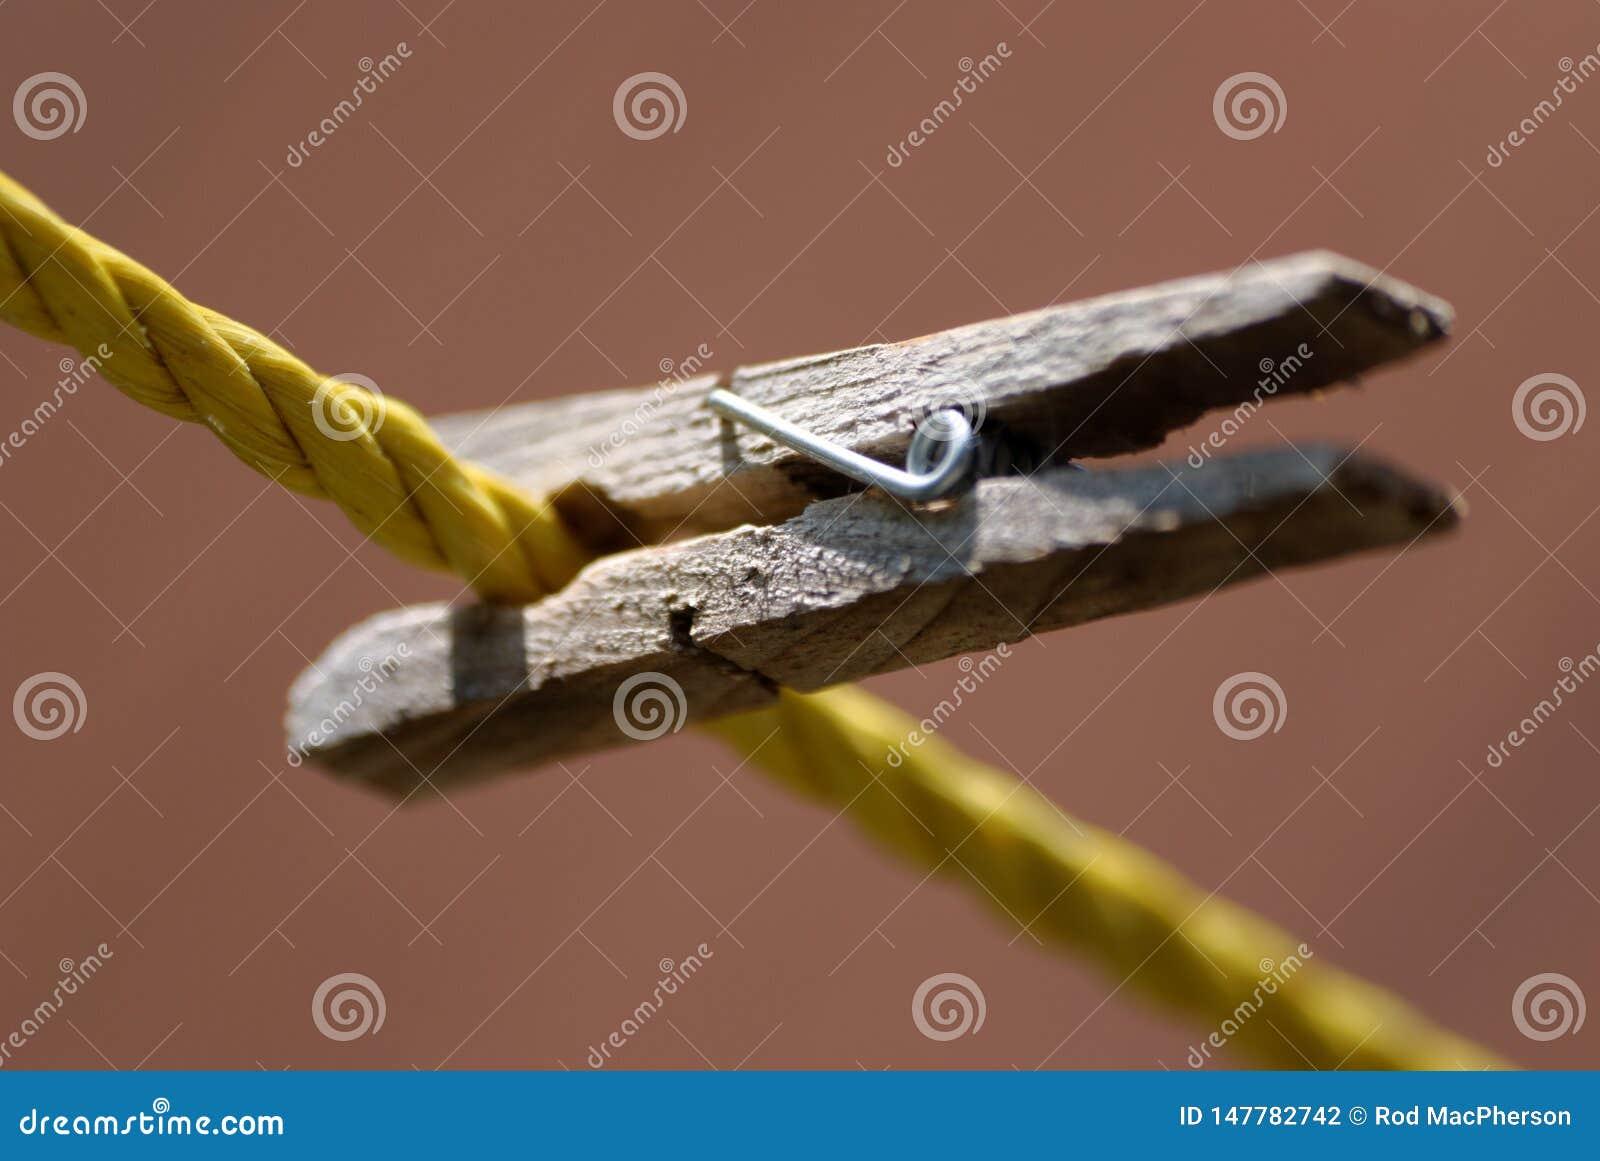 Une pince à linge en bois coupée à la corde à linge